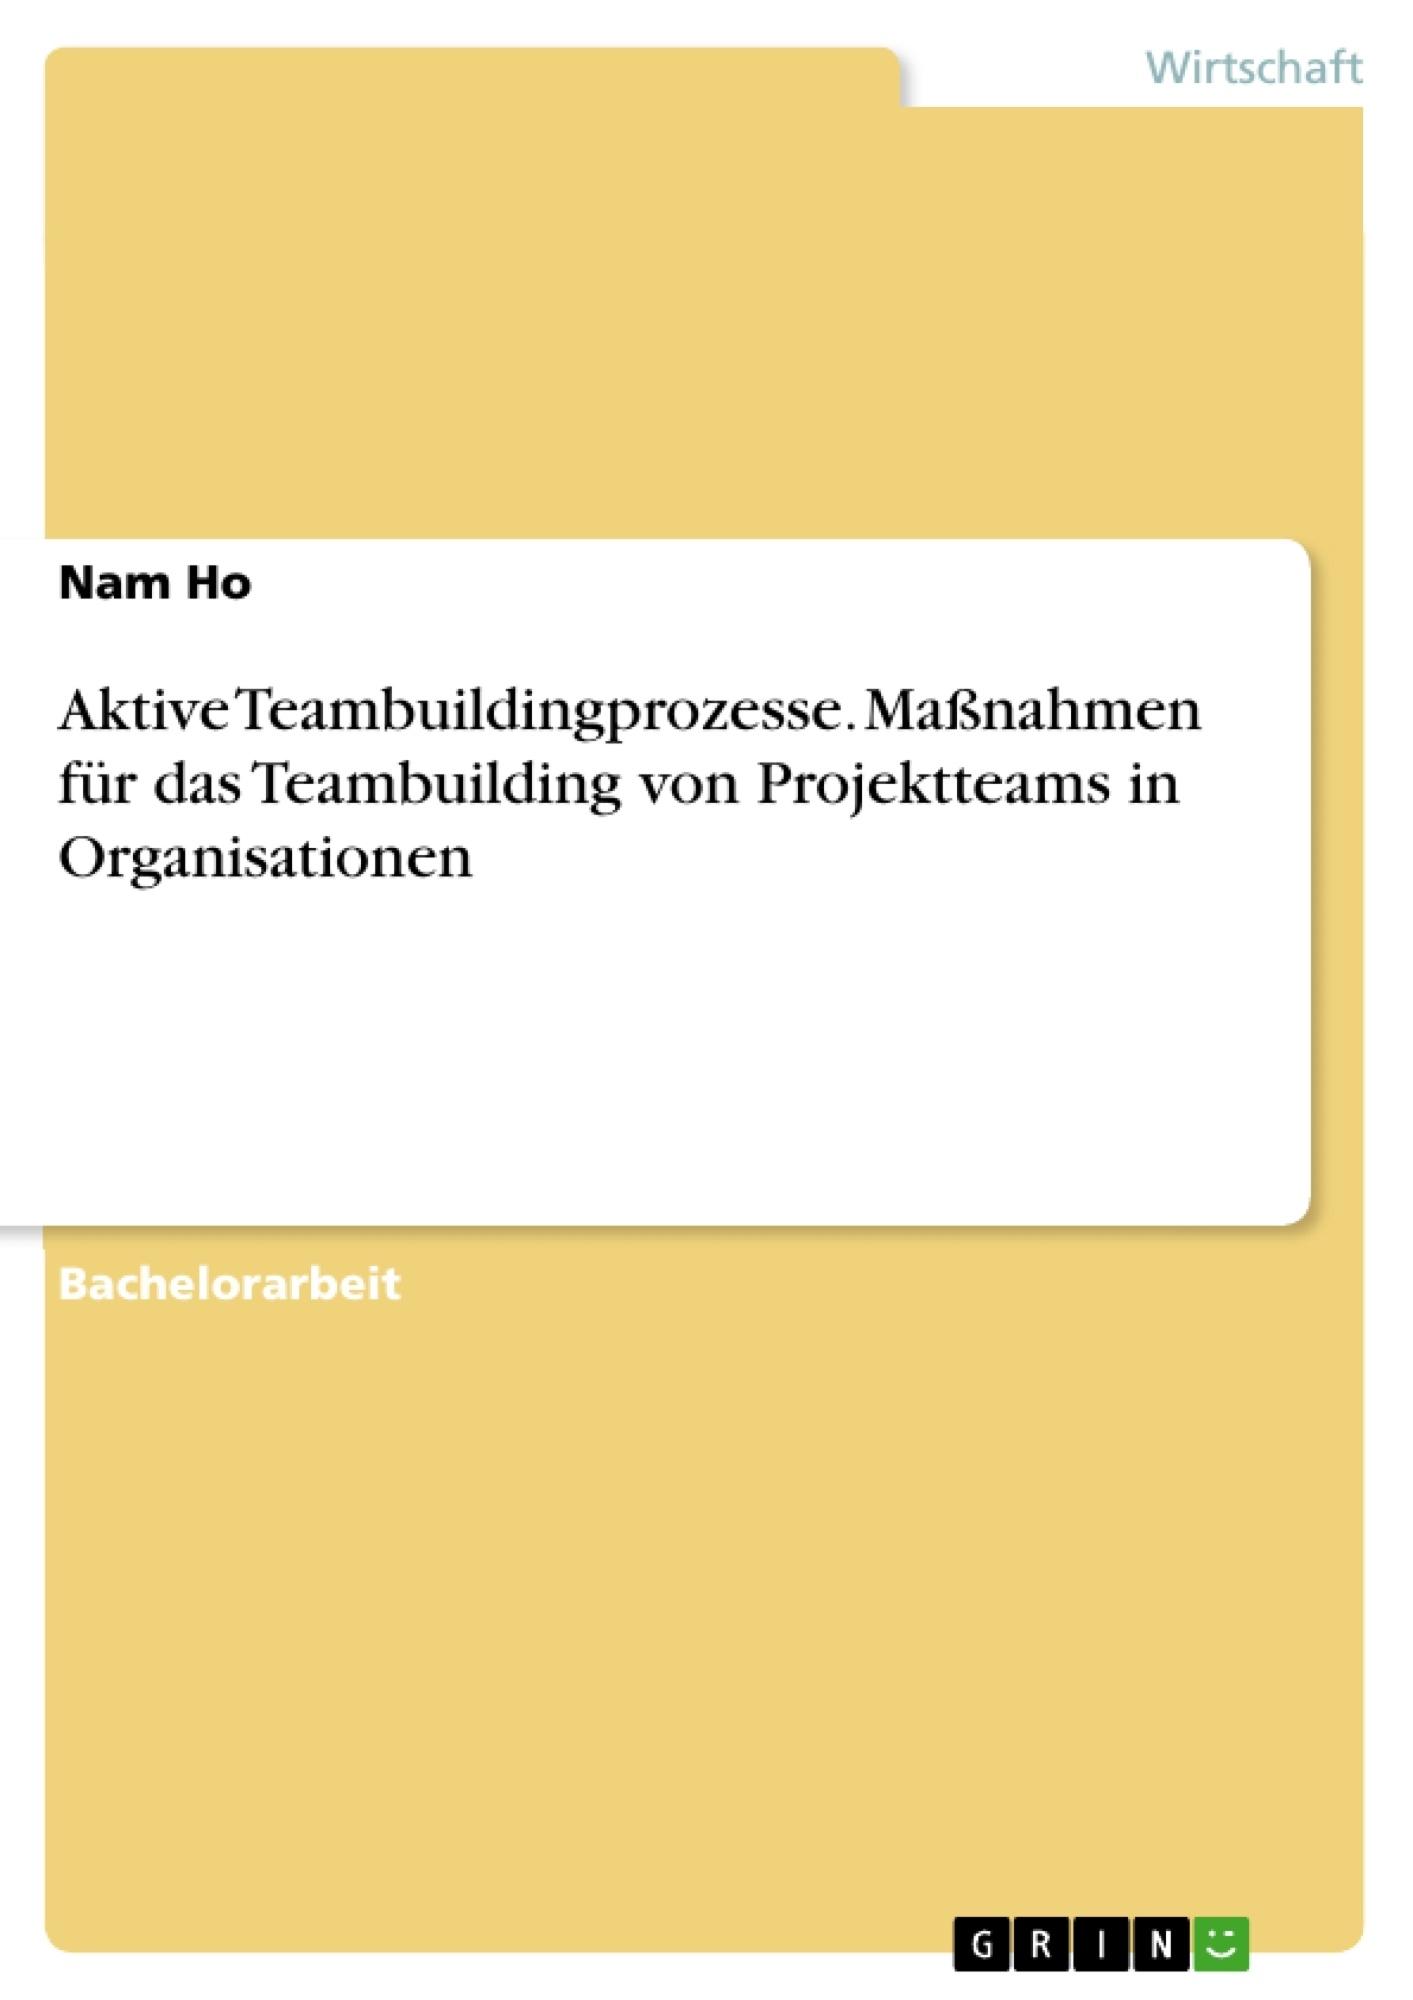 Titel: Aktive Teambuildingprozesse. Maßnahmen für das Teambuilding von Projektteams in Organisationen